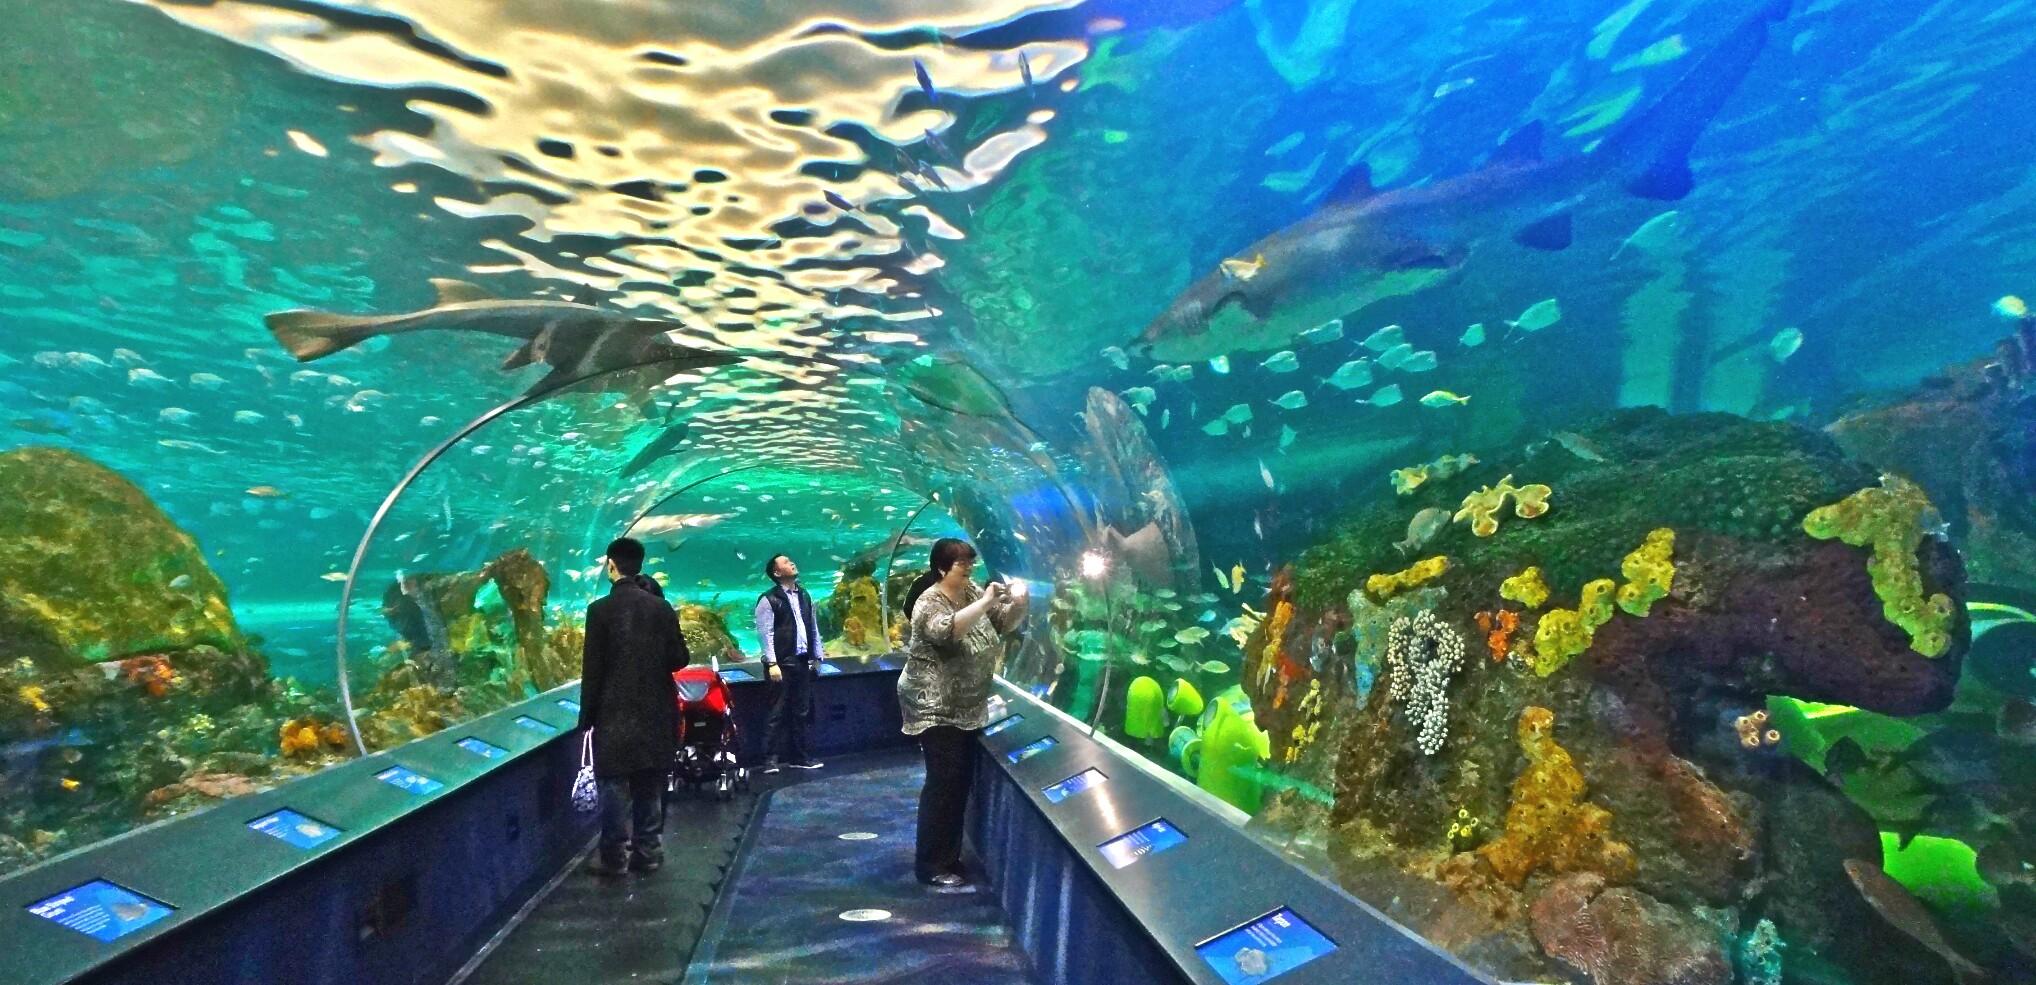 Image Result For Great Lakes Aquarium